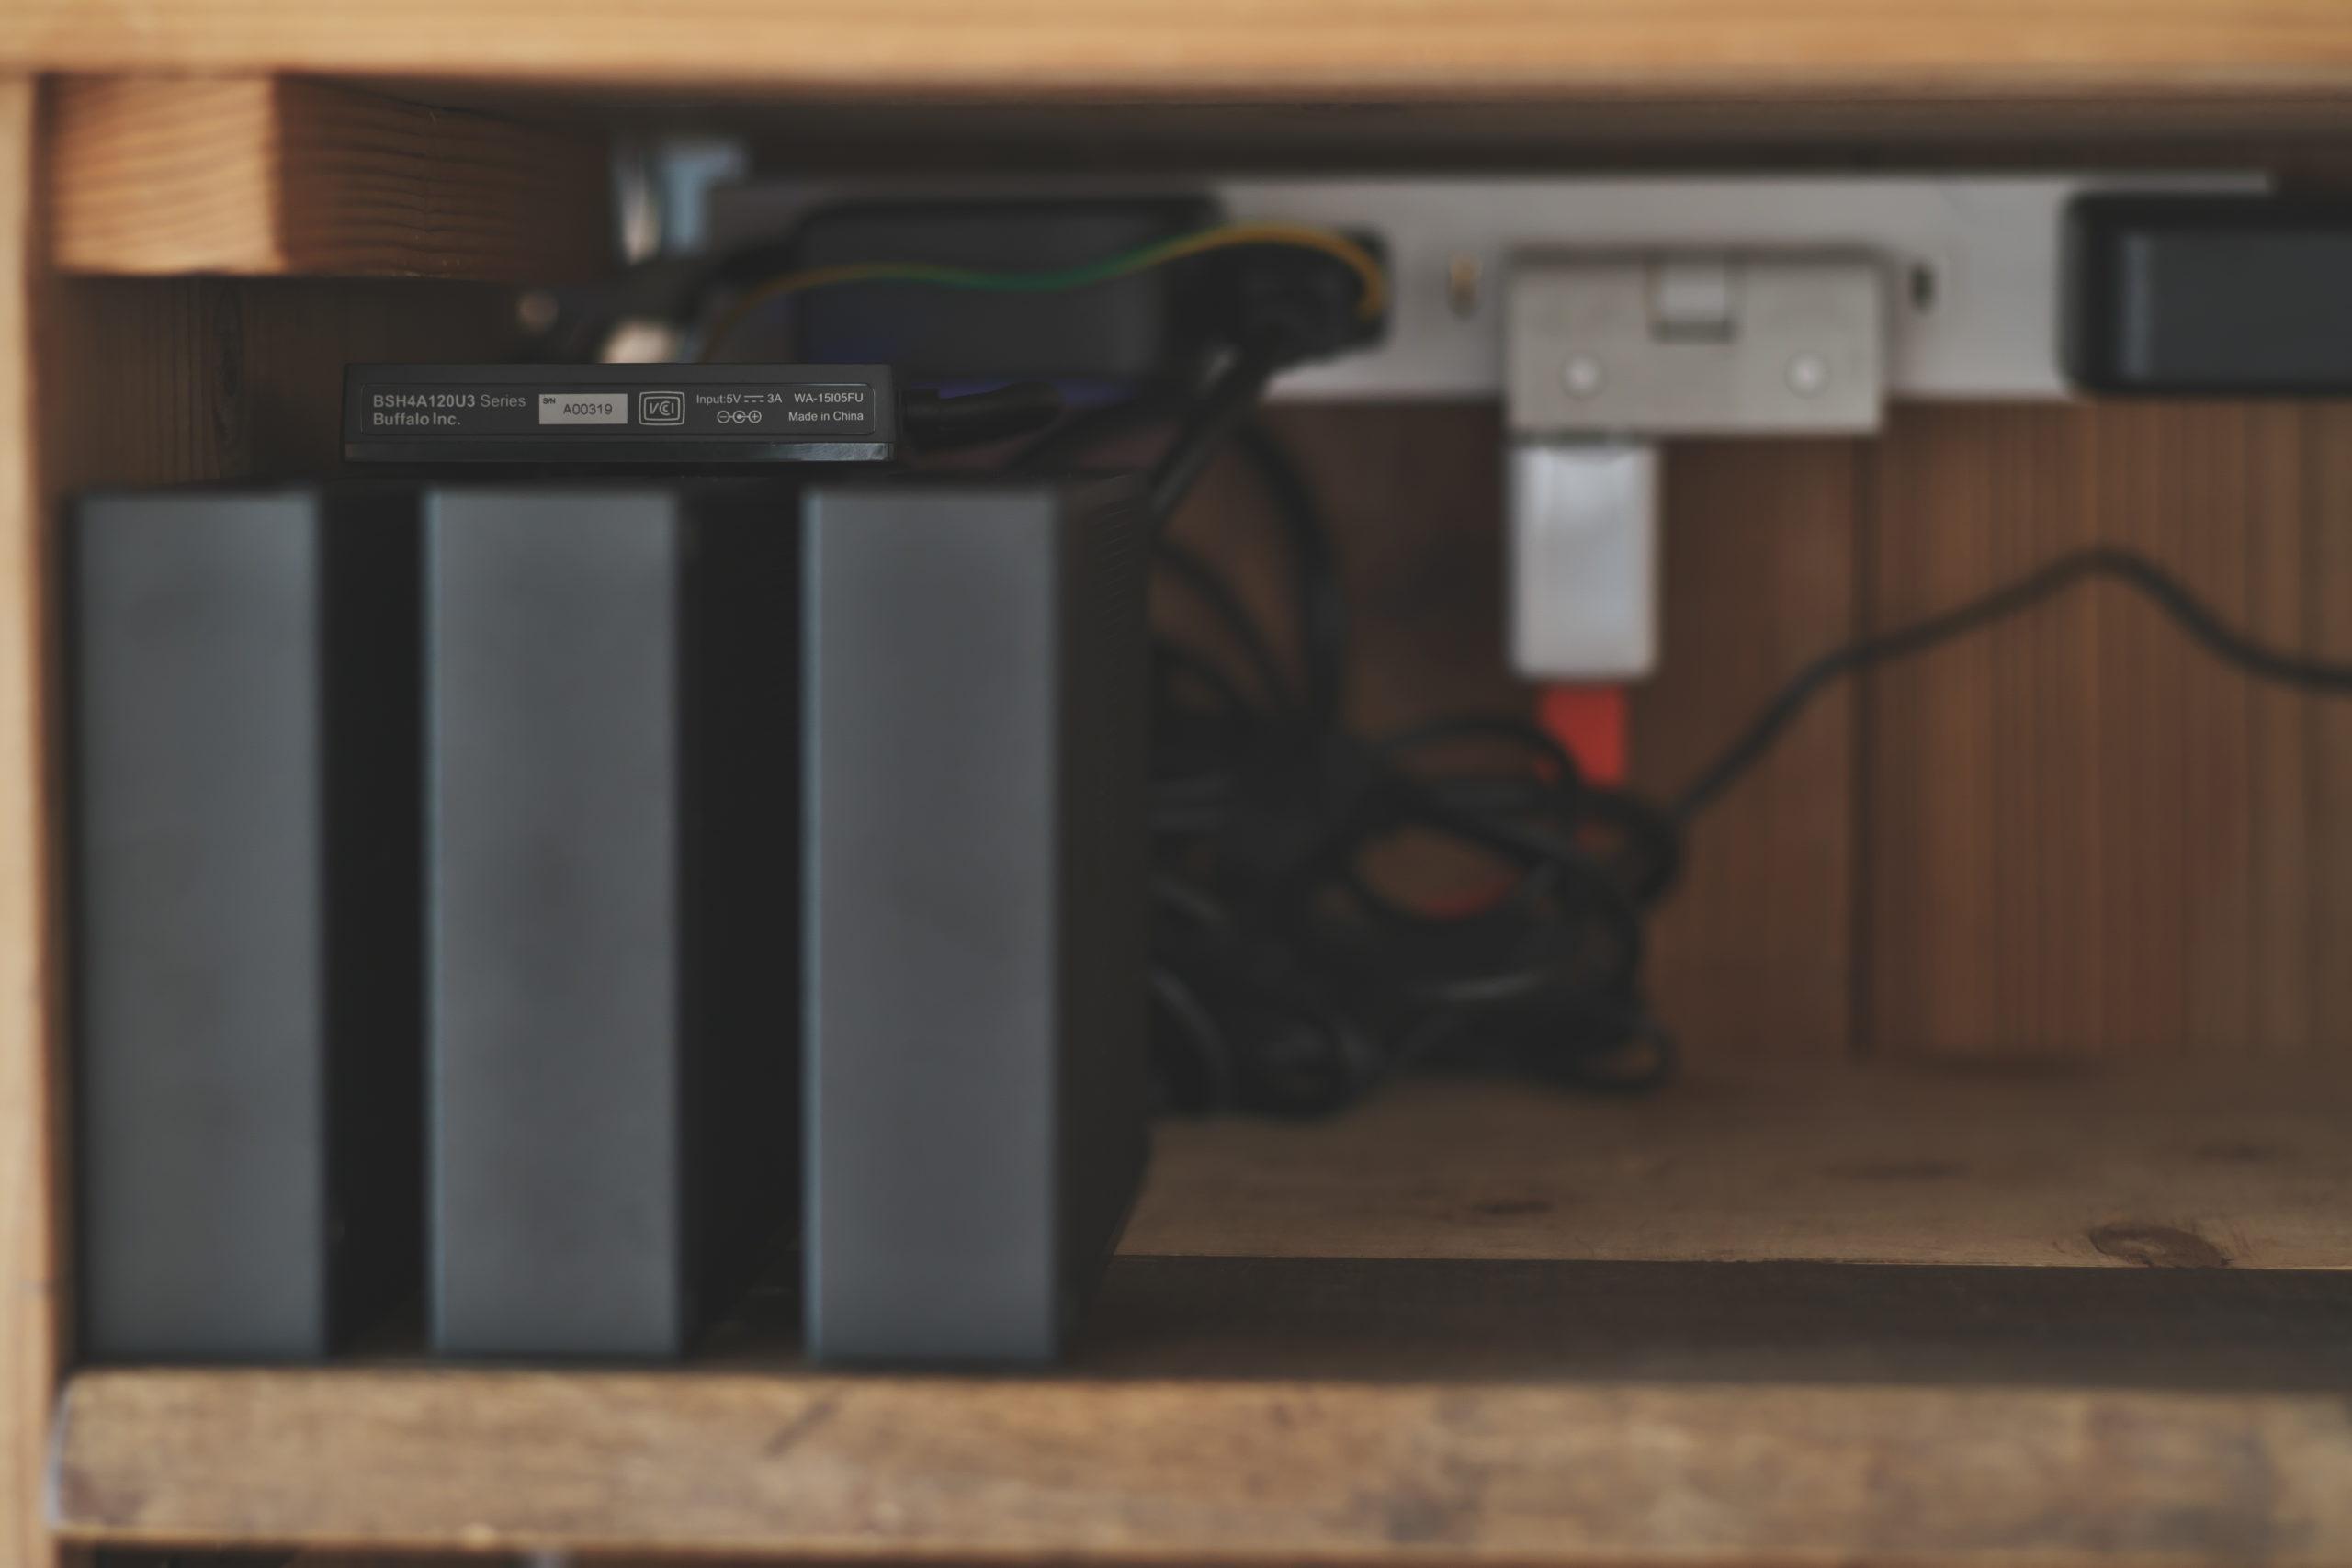 IO DATA 外付けHDD 6TB/2TB BUFFALO USB3.0 BSH4A125U3BK